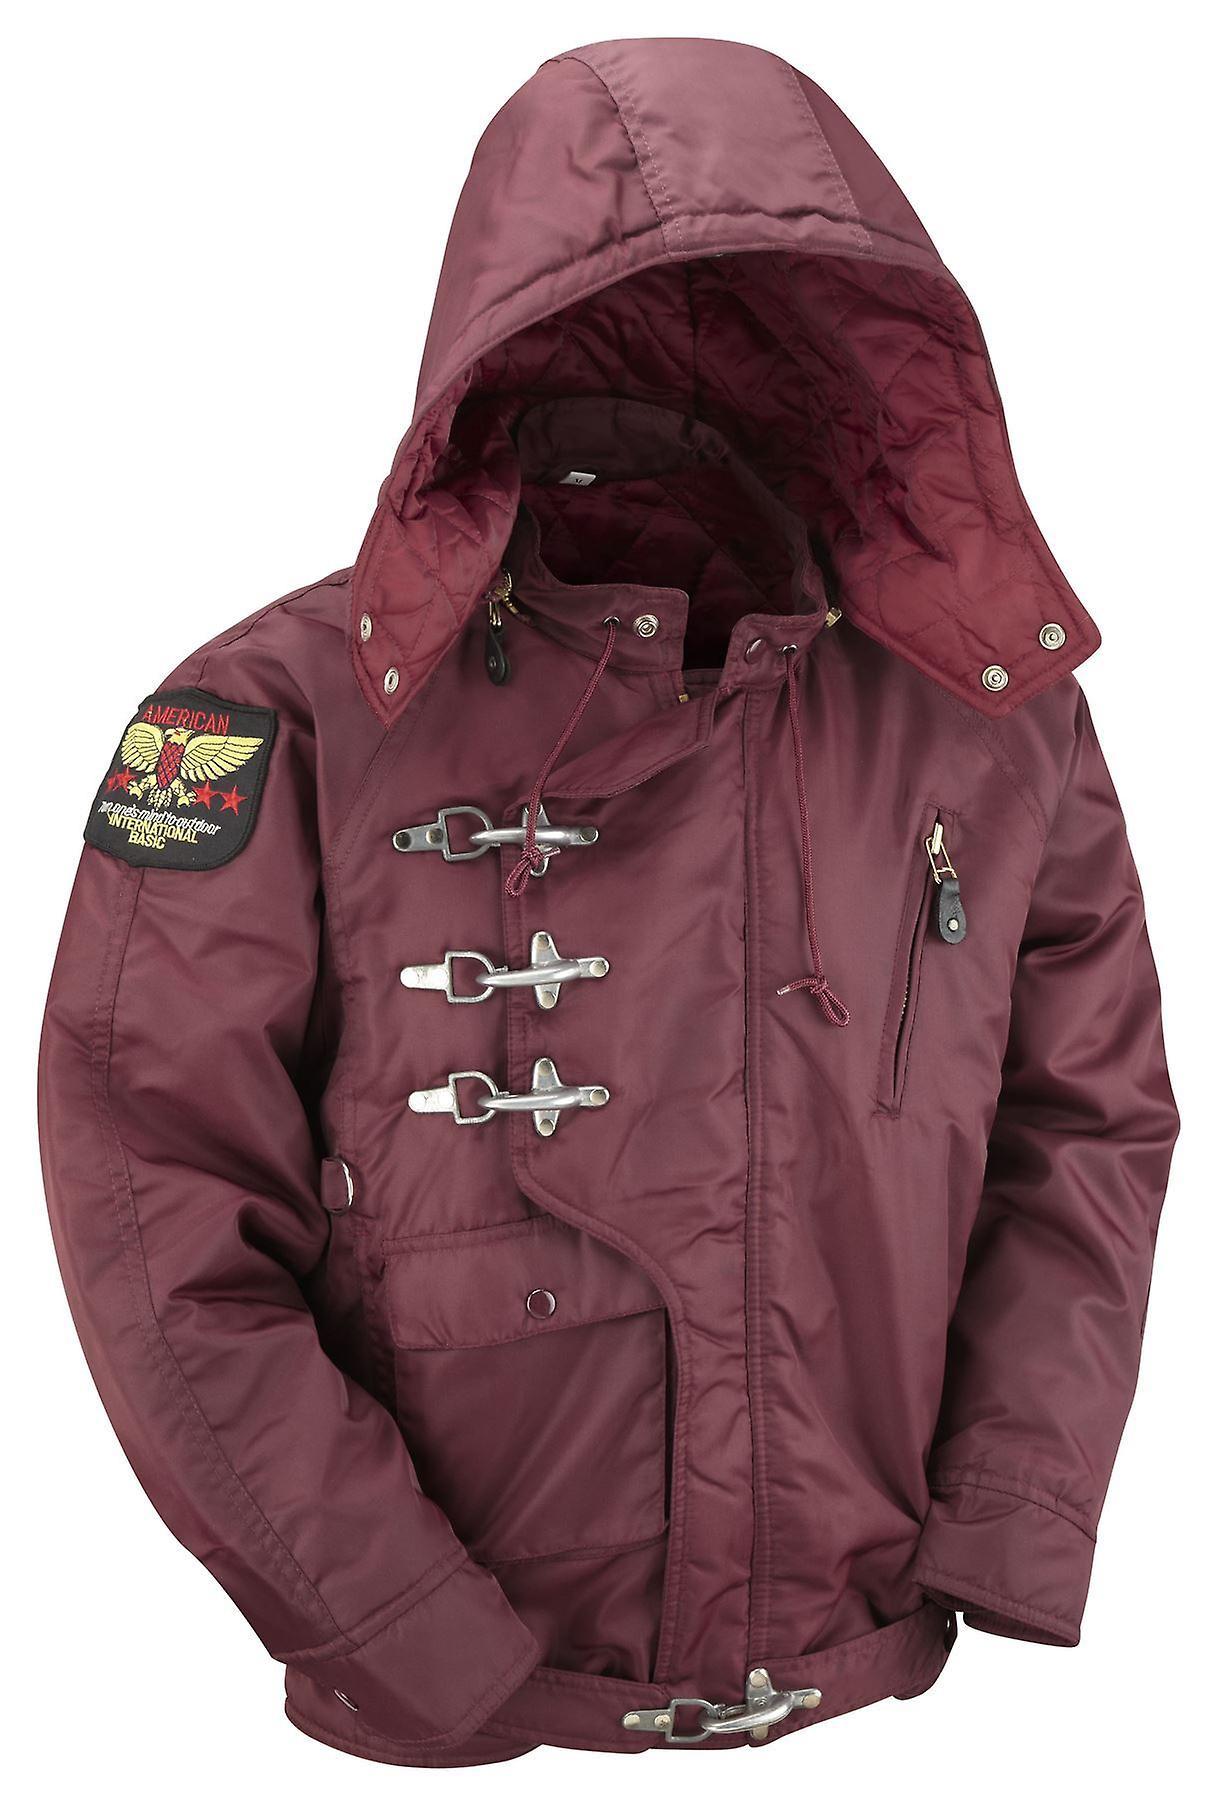 US Bomber Flight Emergency Rescue Jacket